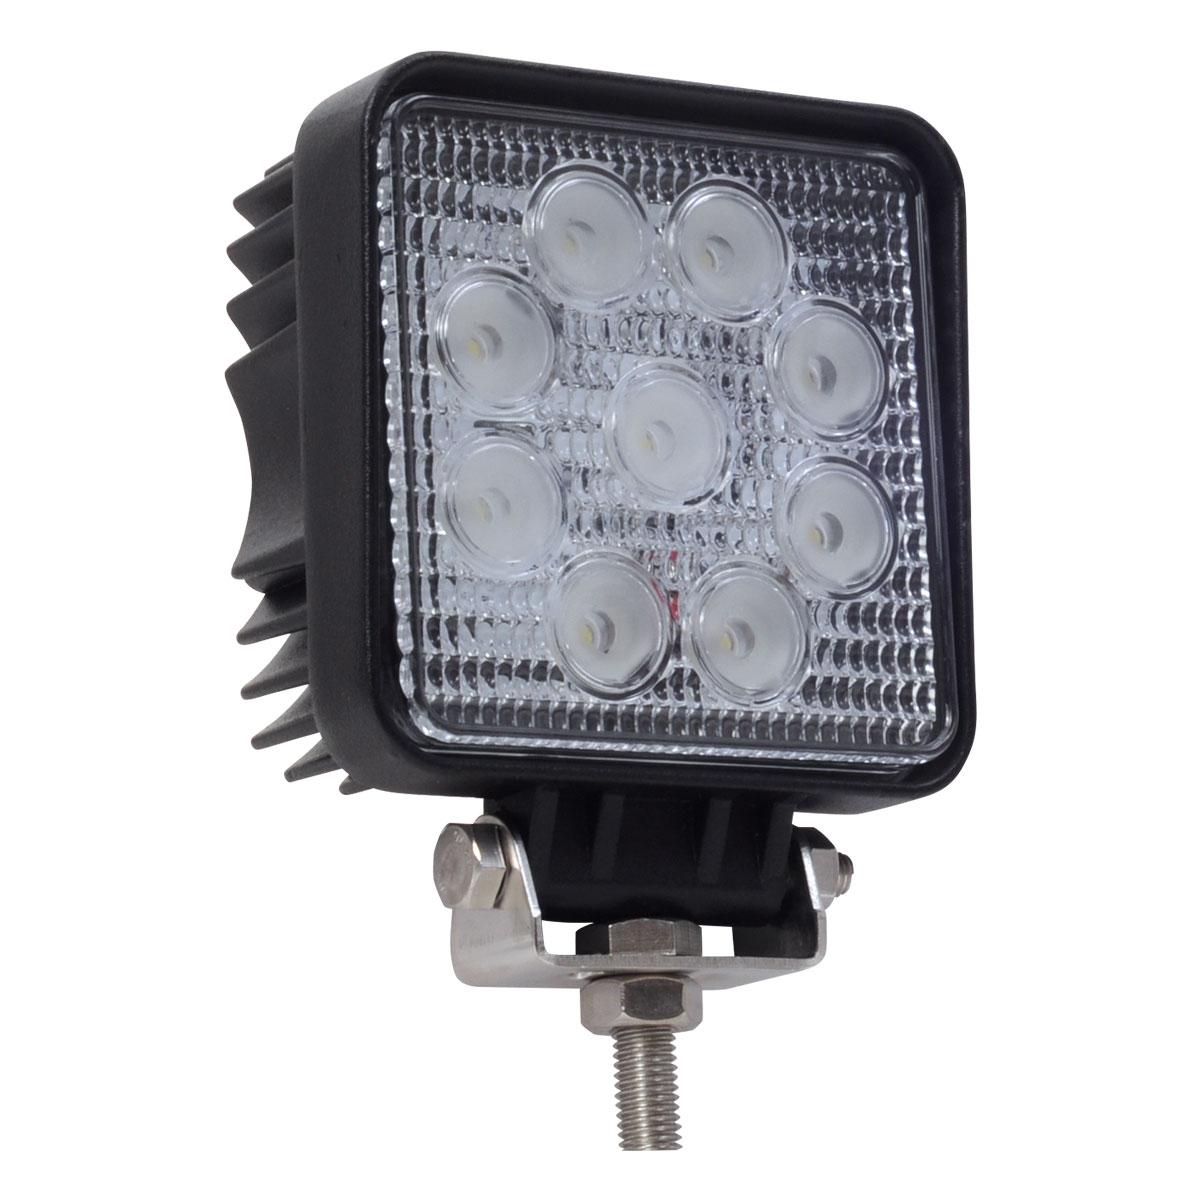 LED Arbeitsscheinwerfer 1600 Lumen Modell 110 691